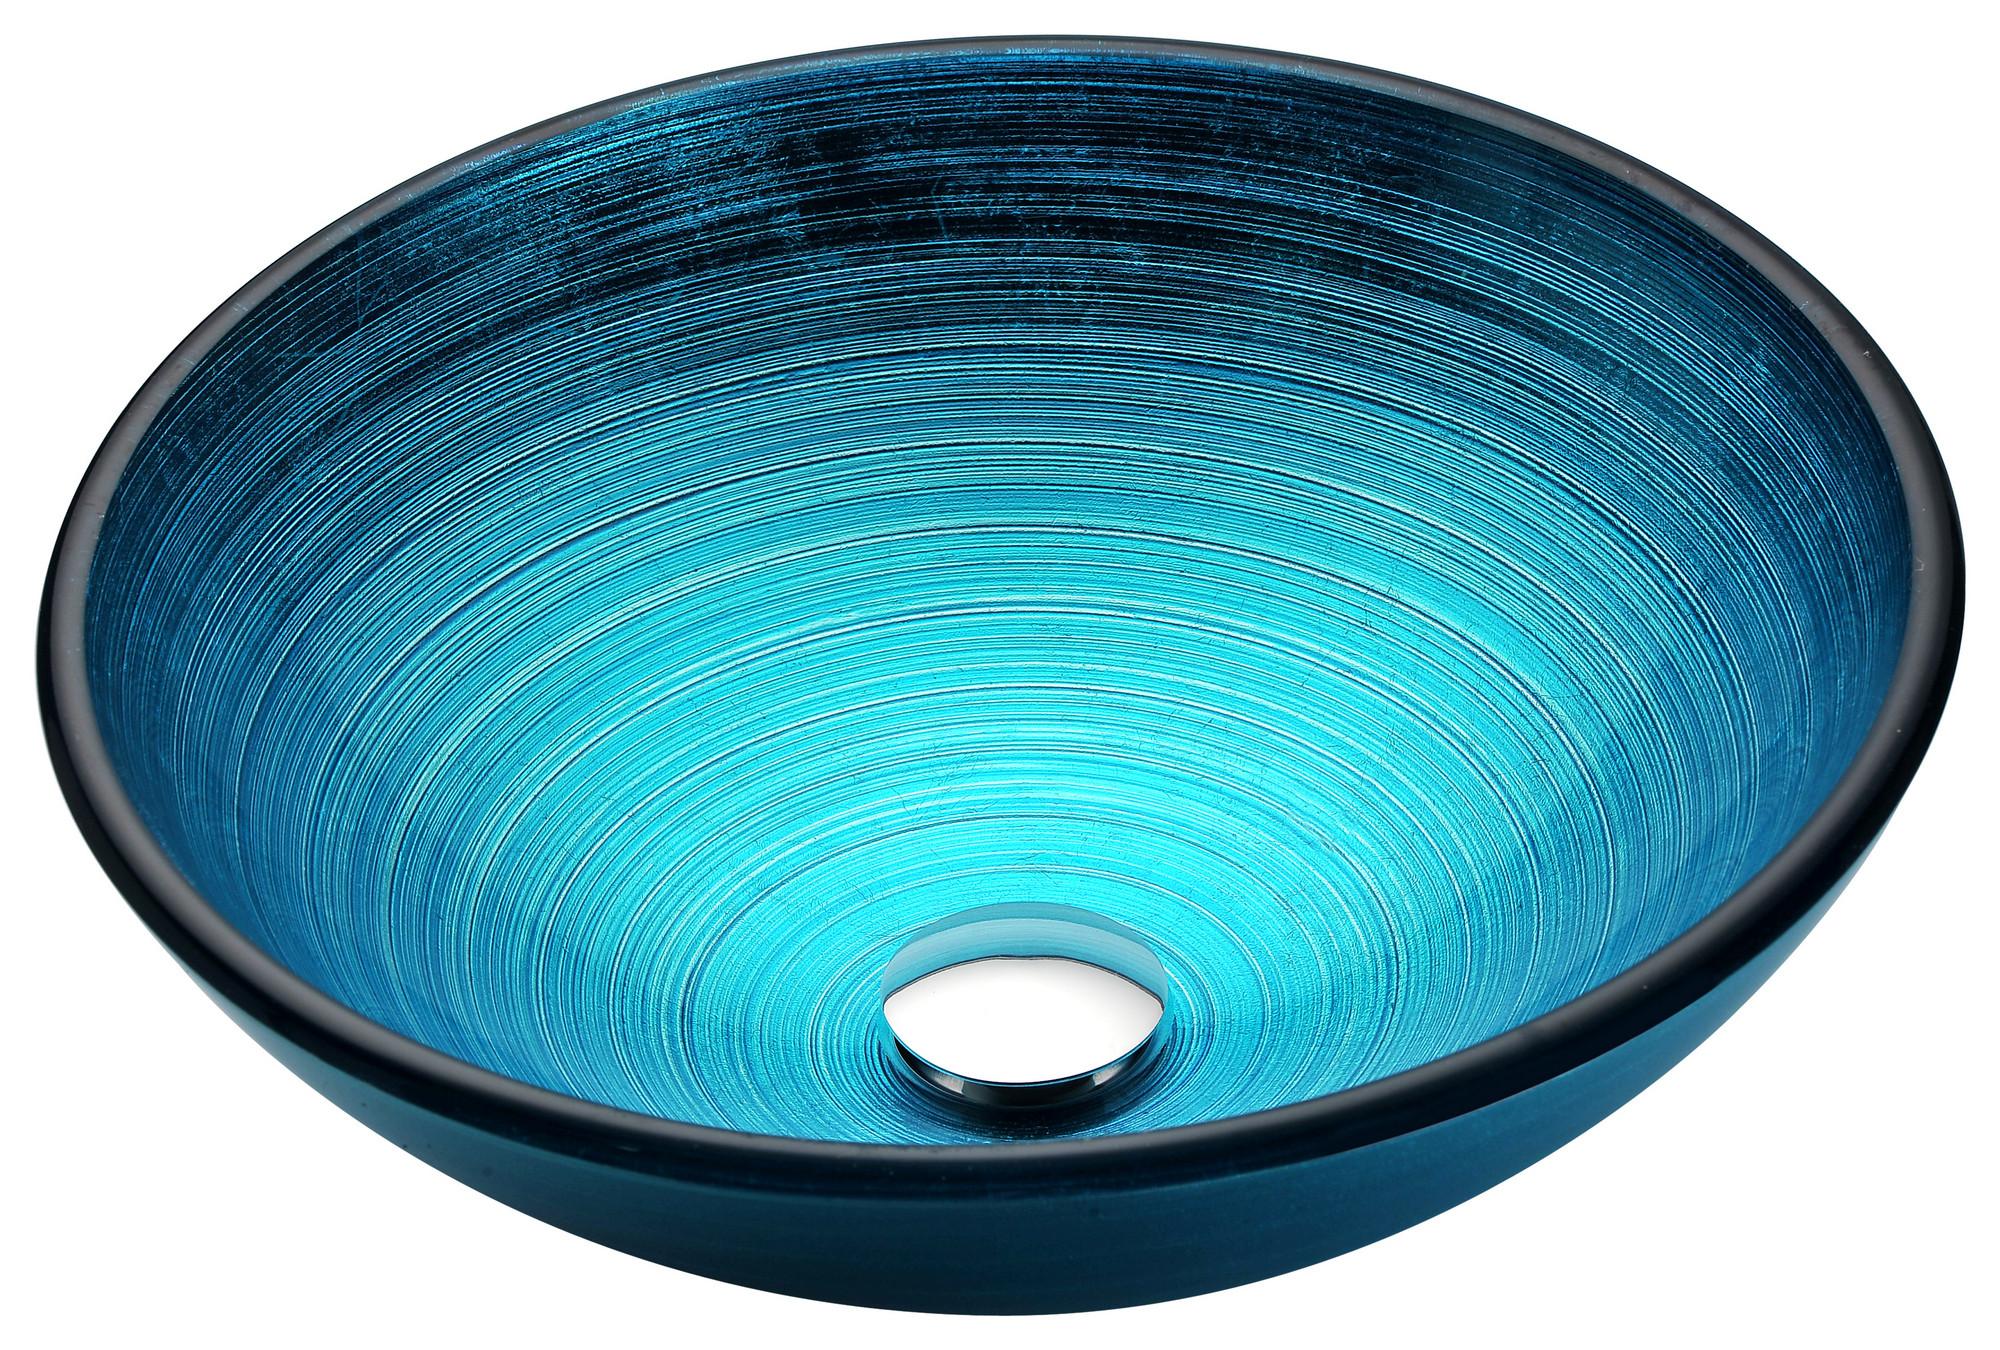 ANZZI LS-AZ045 Enti Series Deco-Glass Vessel Sink In Lustrous Blue